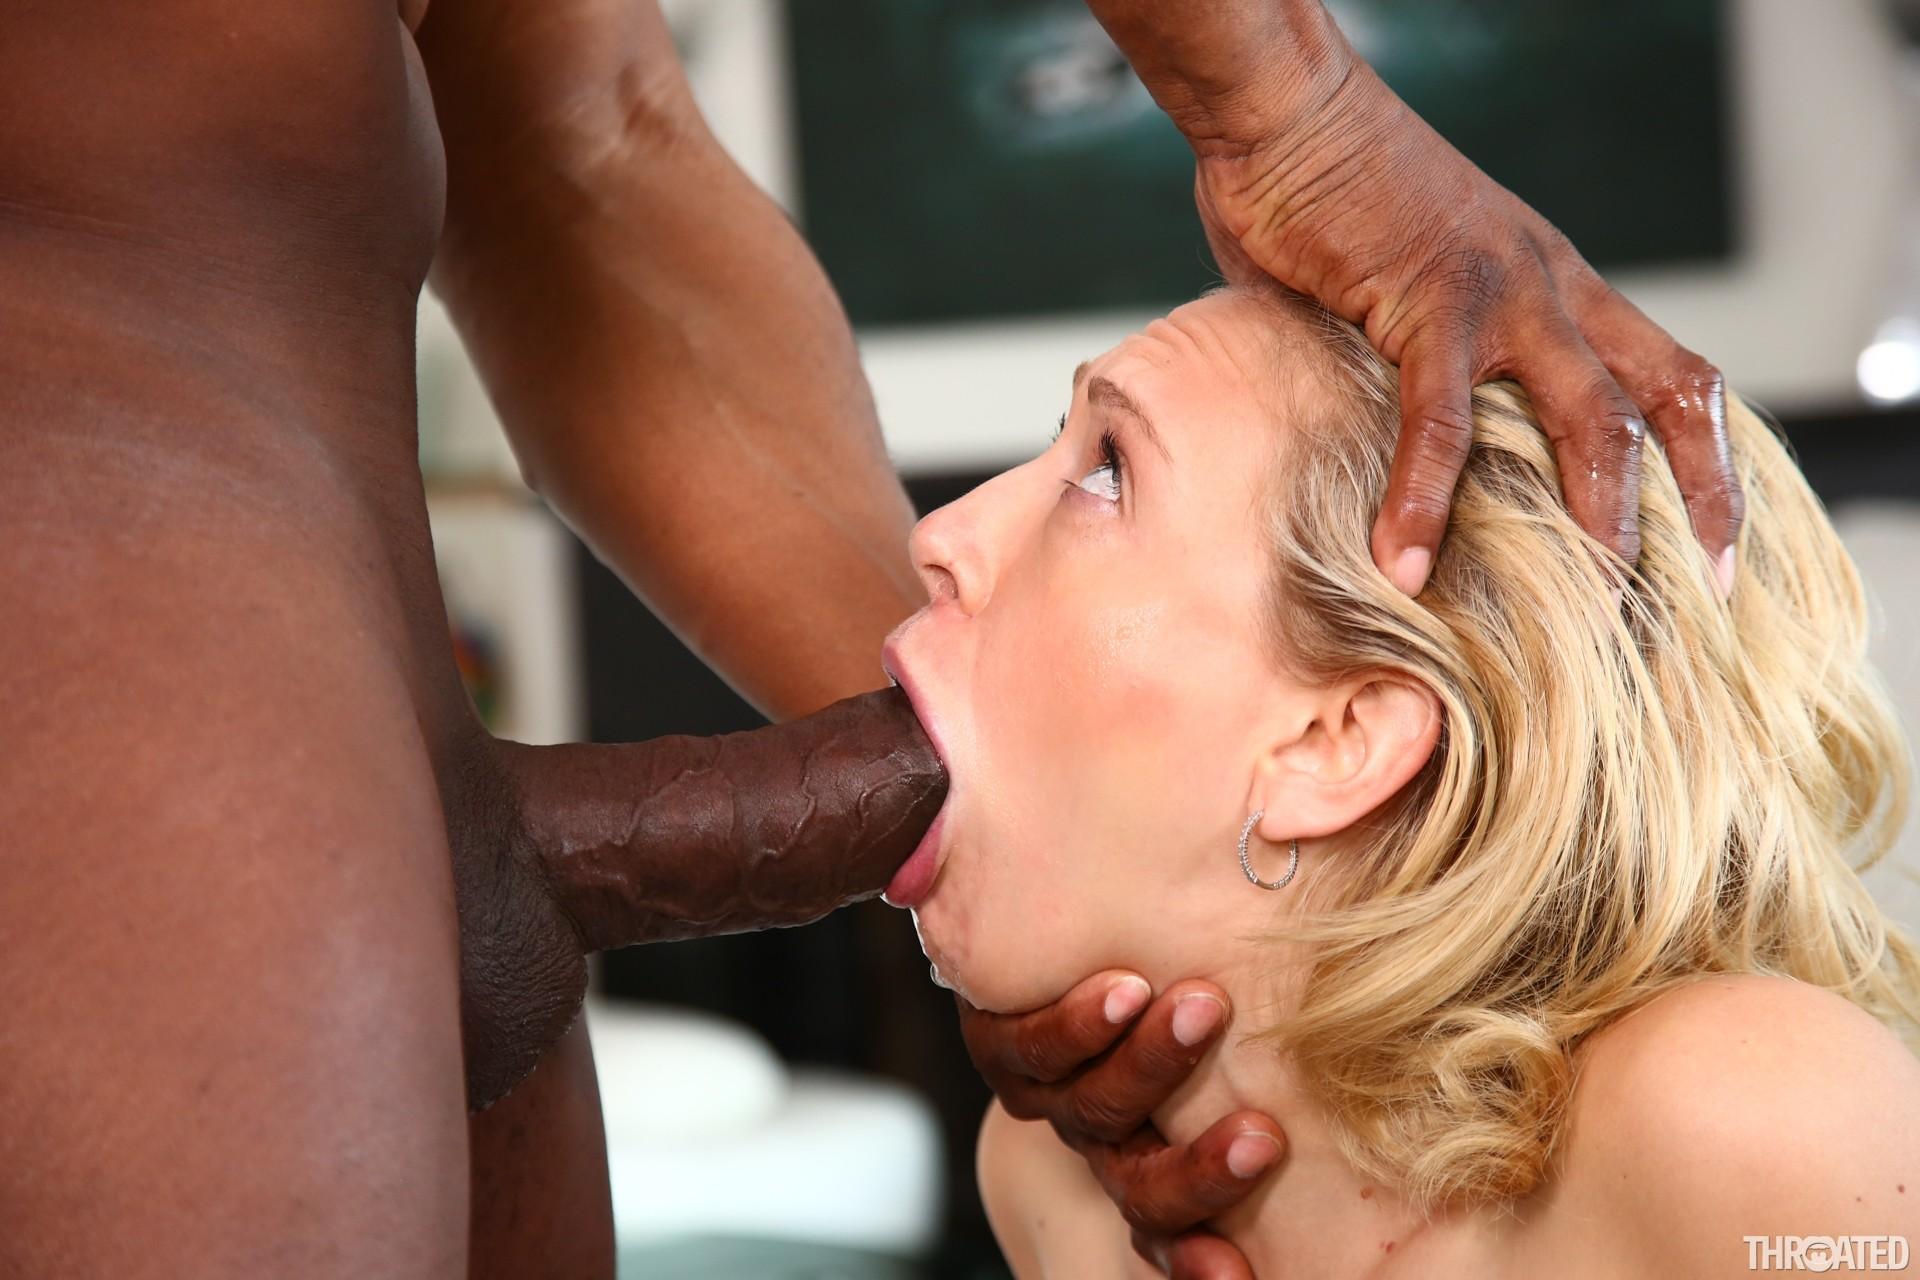 interracial-deepthroat-porn-video-clips